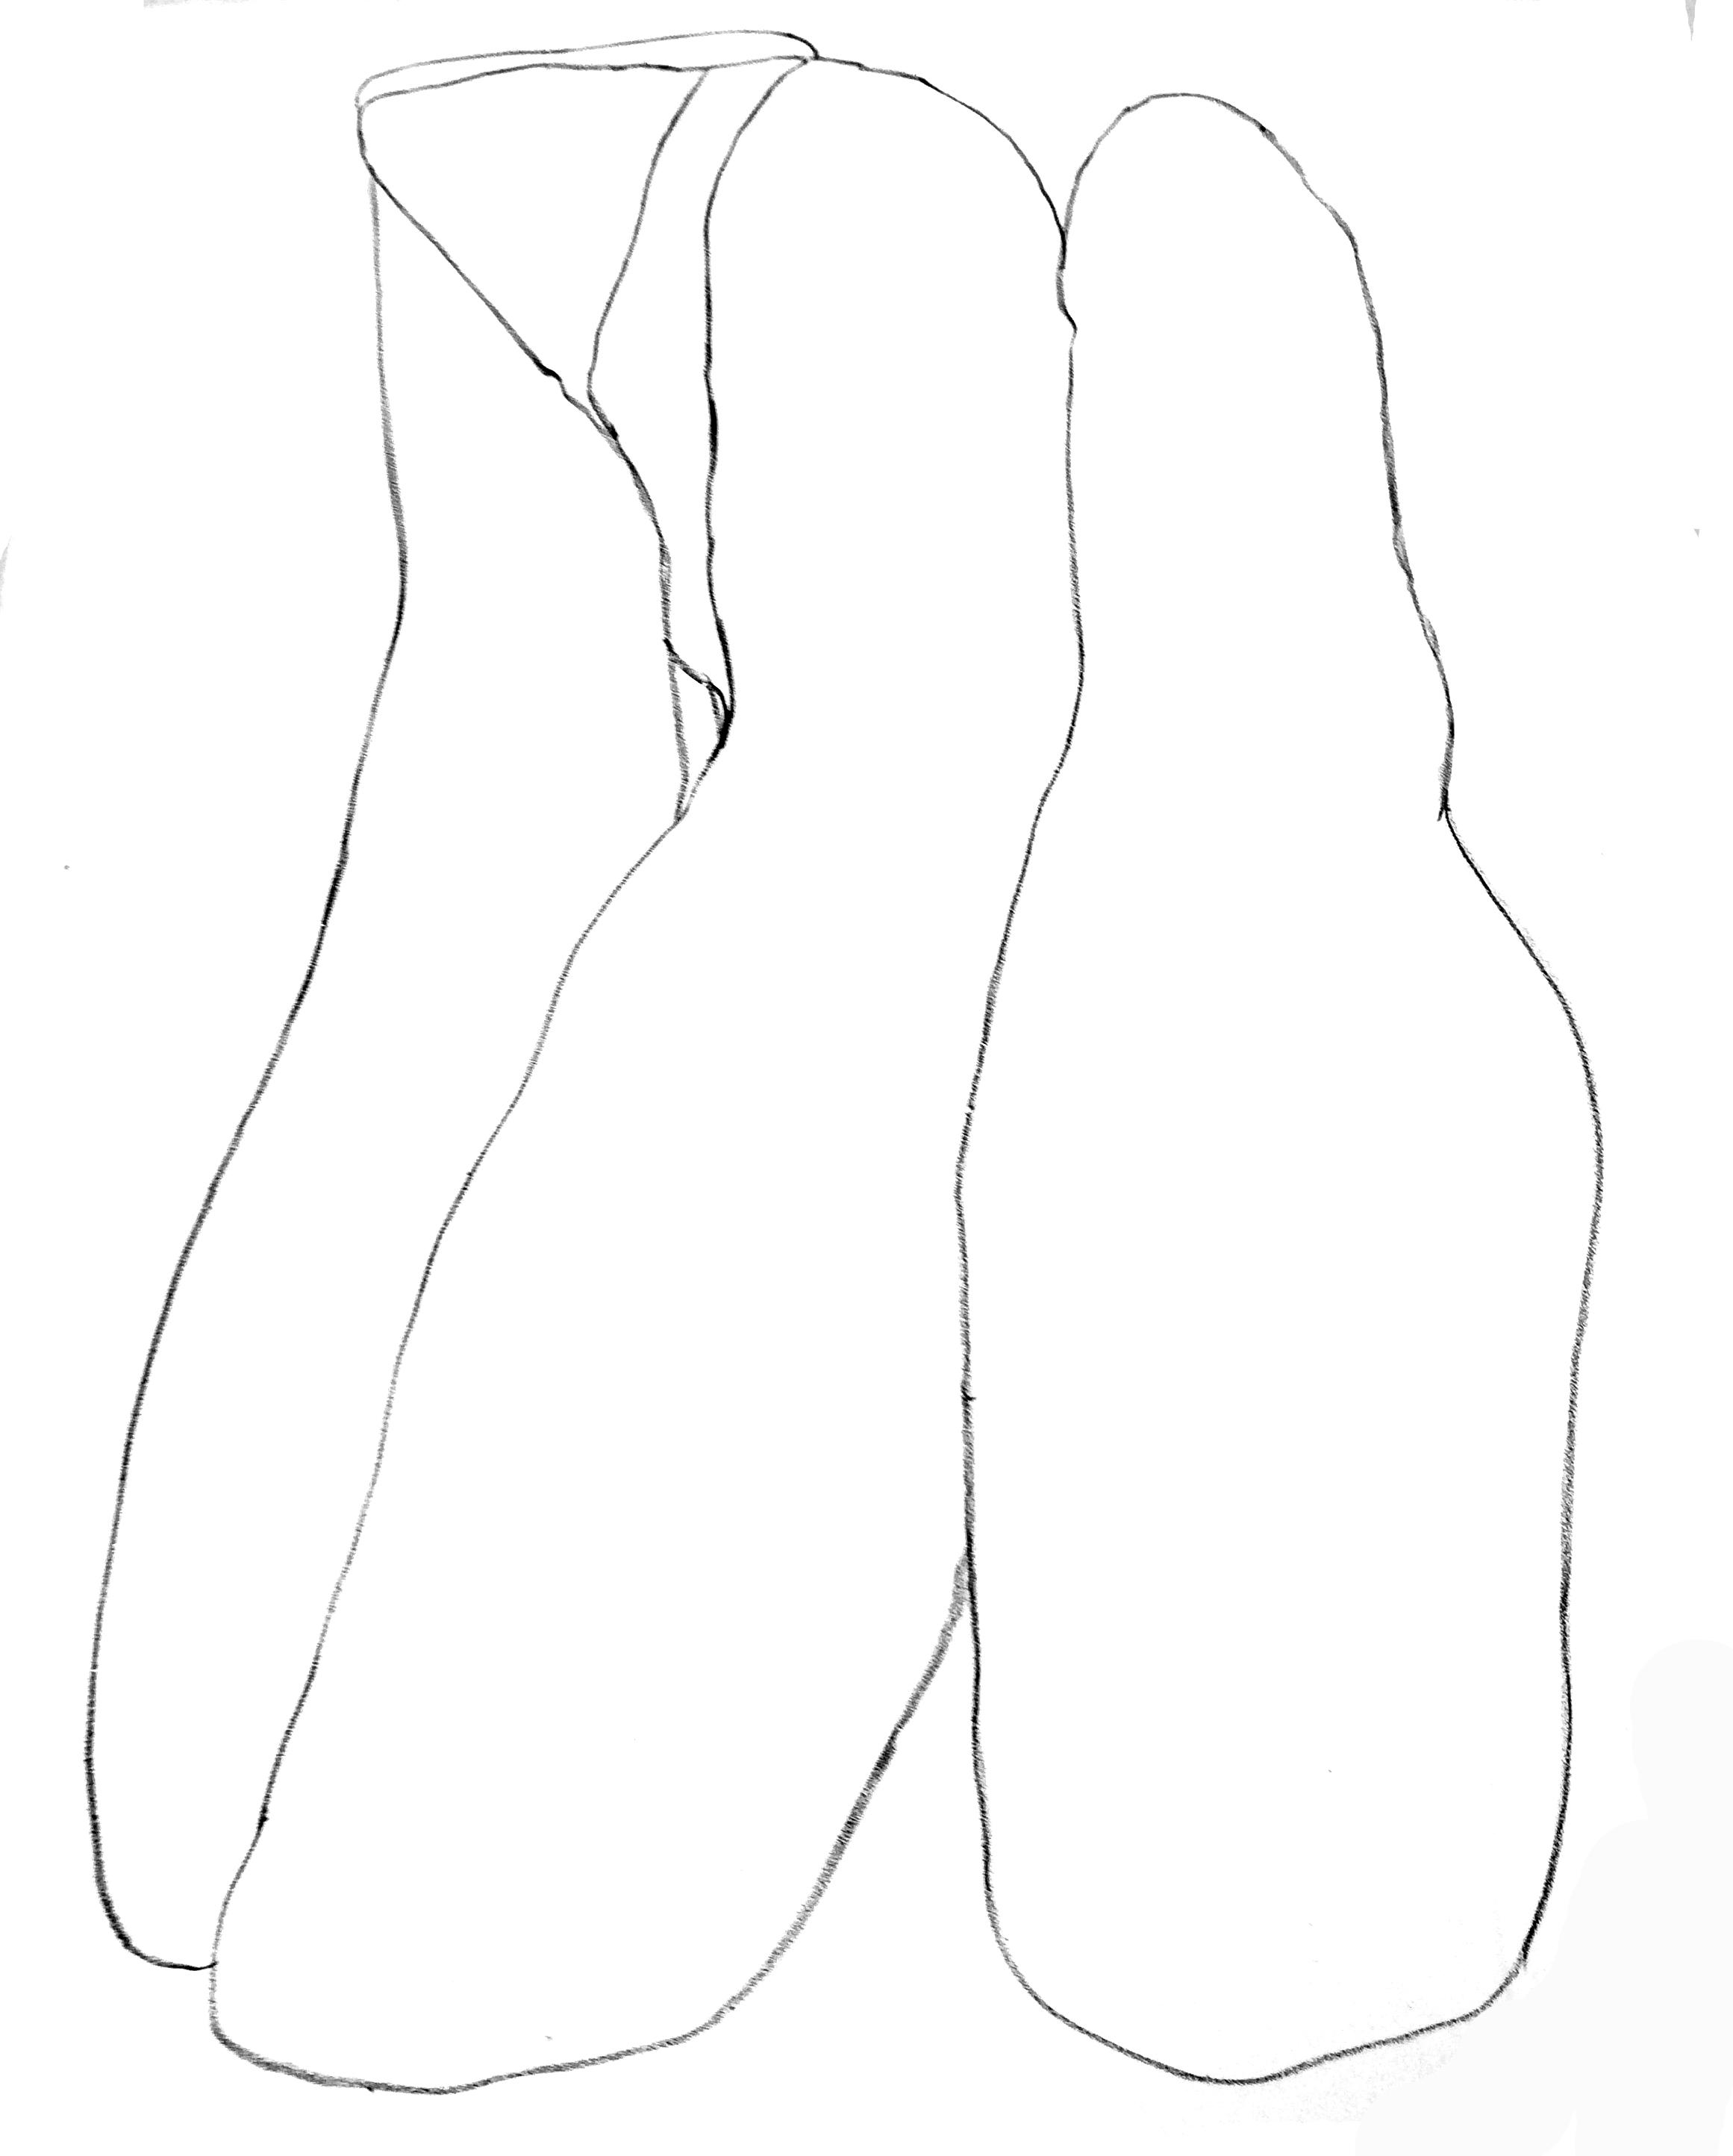 Corps, 56 x 76 cm